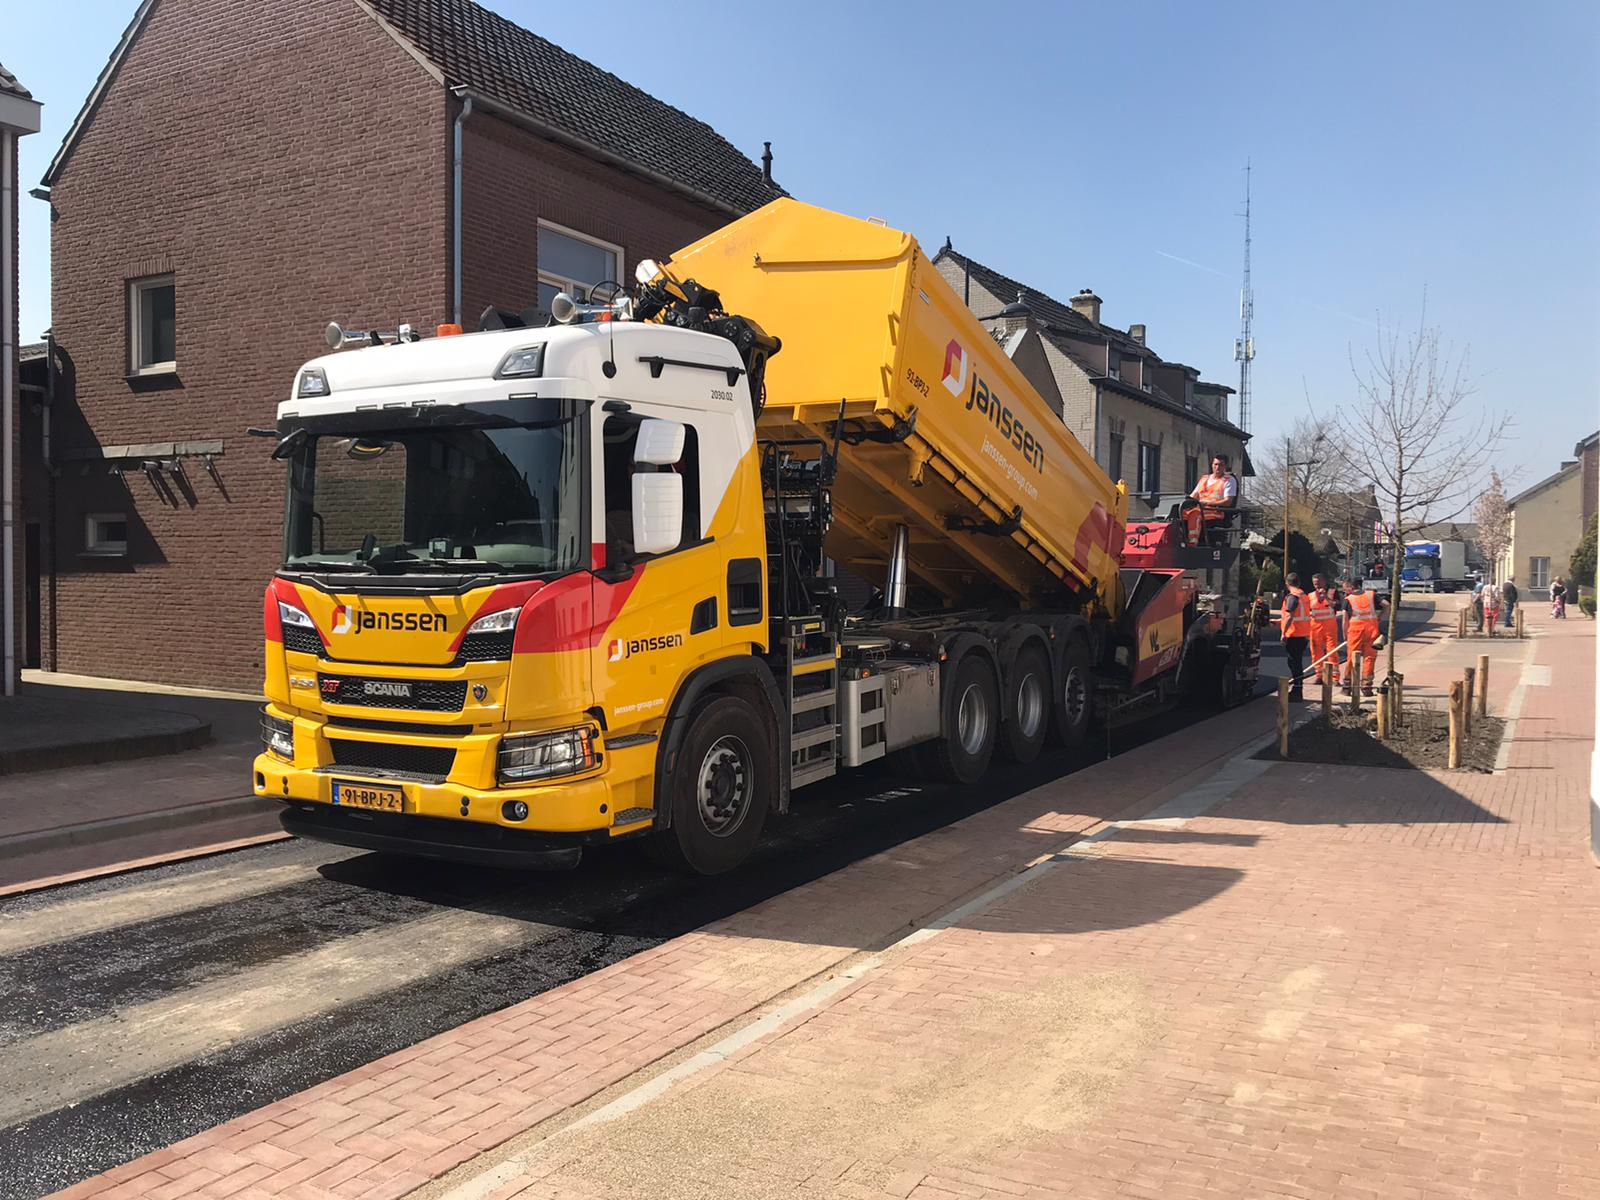 Van-APK-Wegenbouw-hebben-wij-het-meerjarig-contract-gegund-gekregen-voor-het-asfalttransport-en-het-vervoer-van-hun-asfaltsets-nieuwe-Scania-8x4-kraanauto-met-dieplader-en-de-nie-6